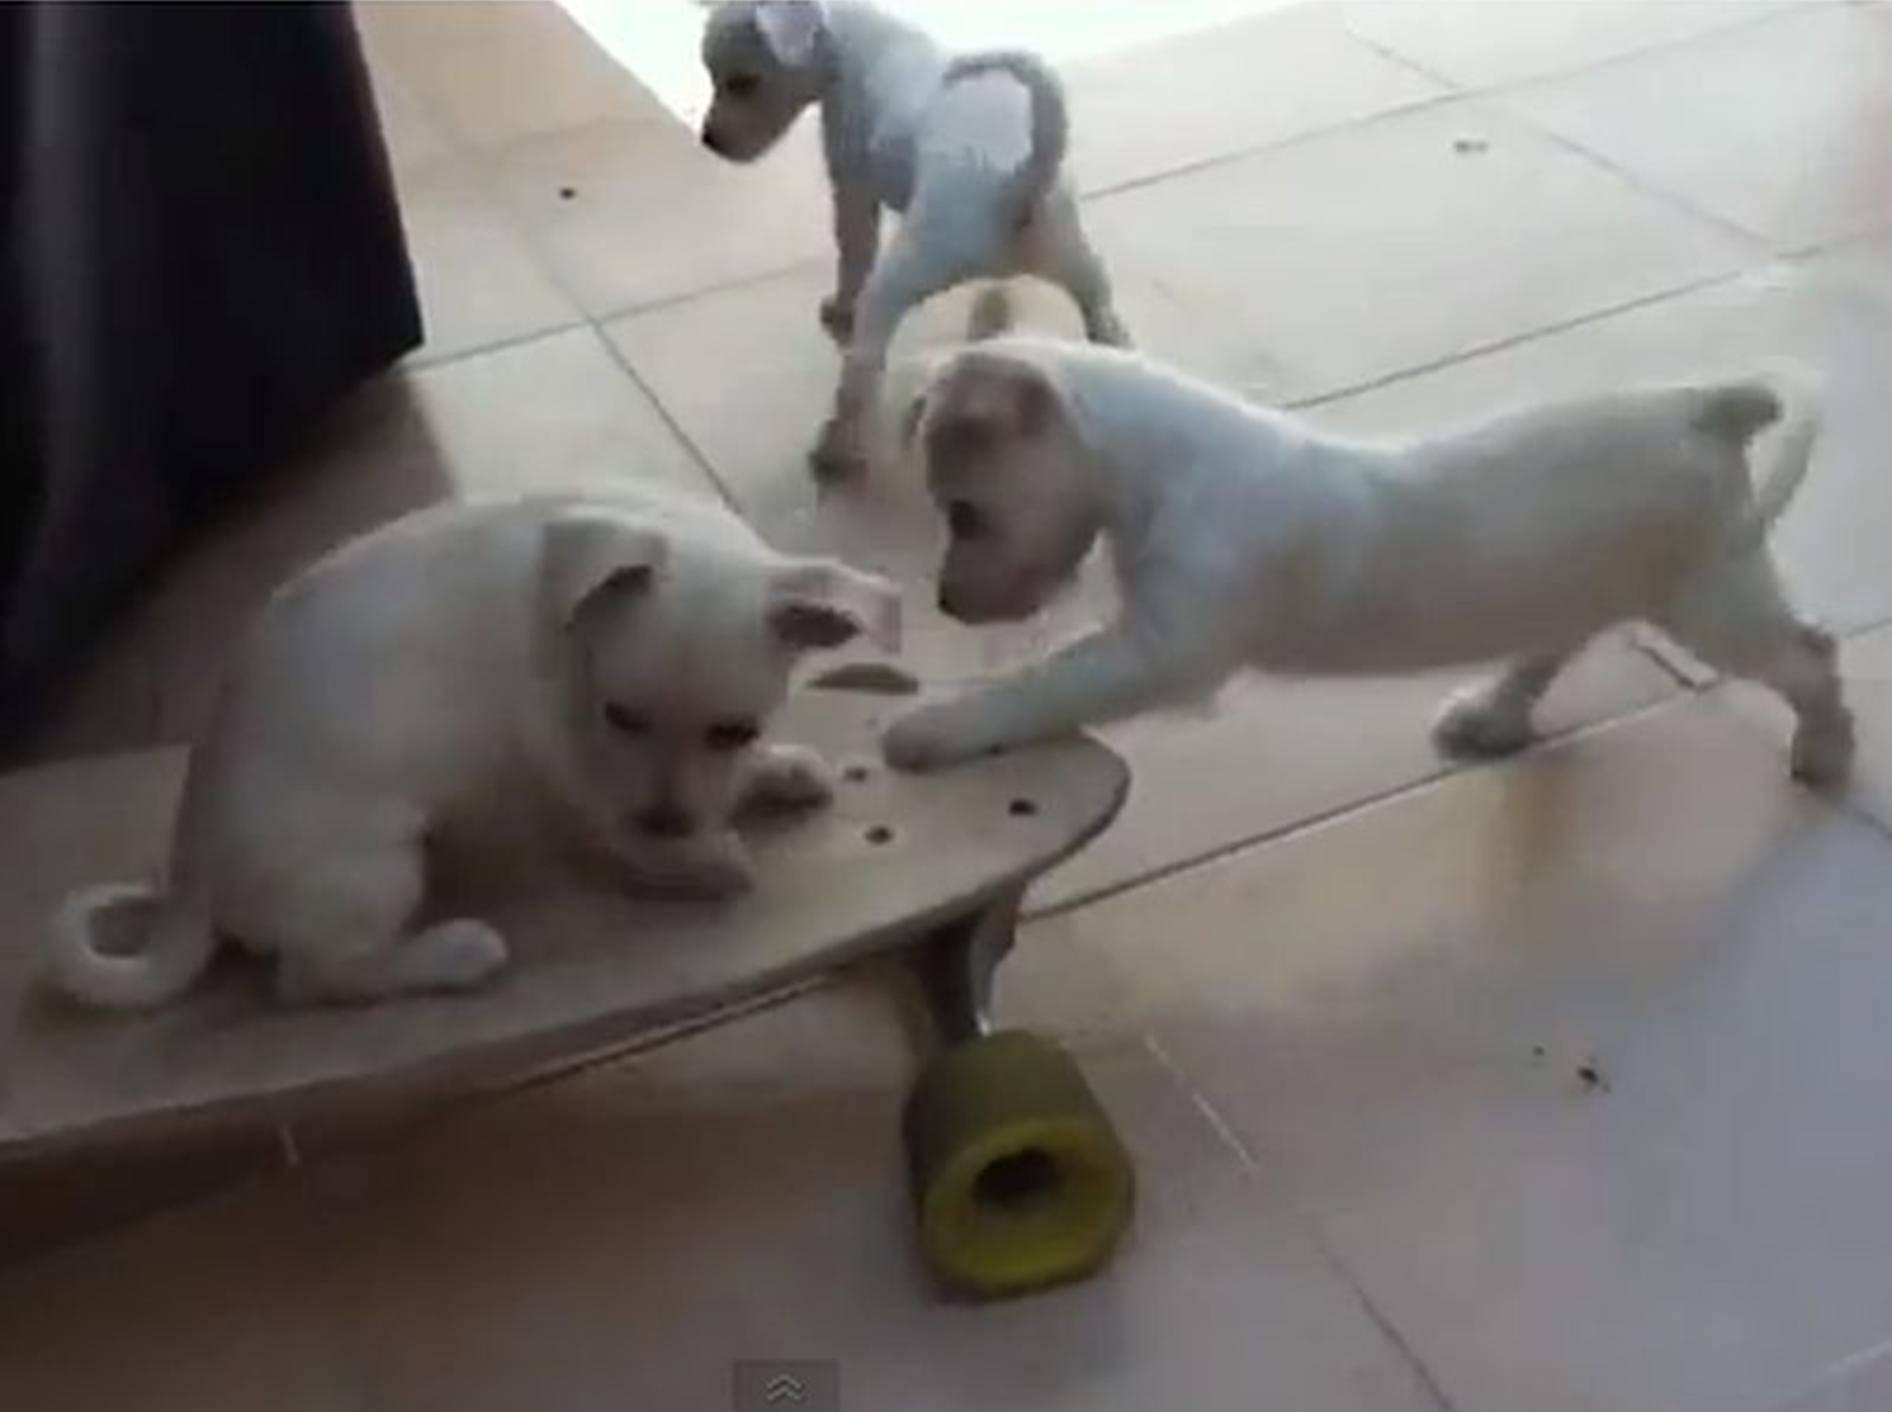 Tierisch süß: Welpen üben sich als Skateboard-Profis — Bild: Youtube / amonroy985